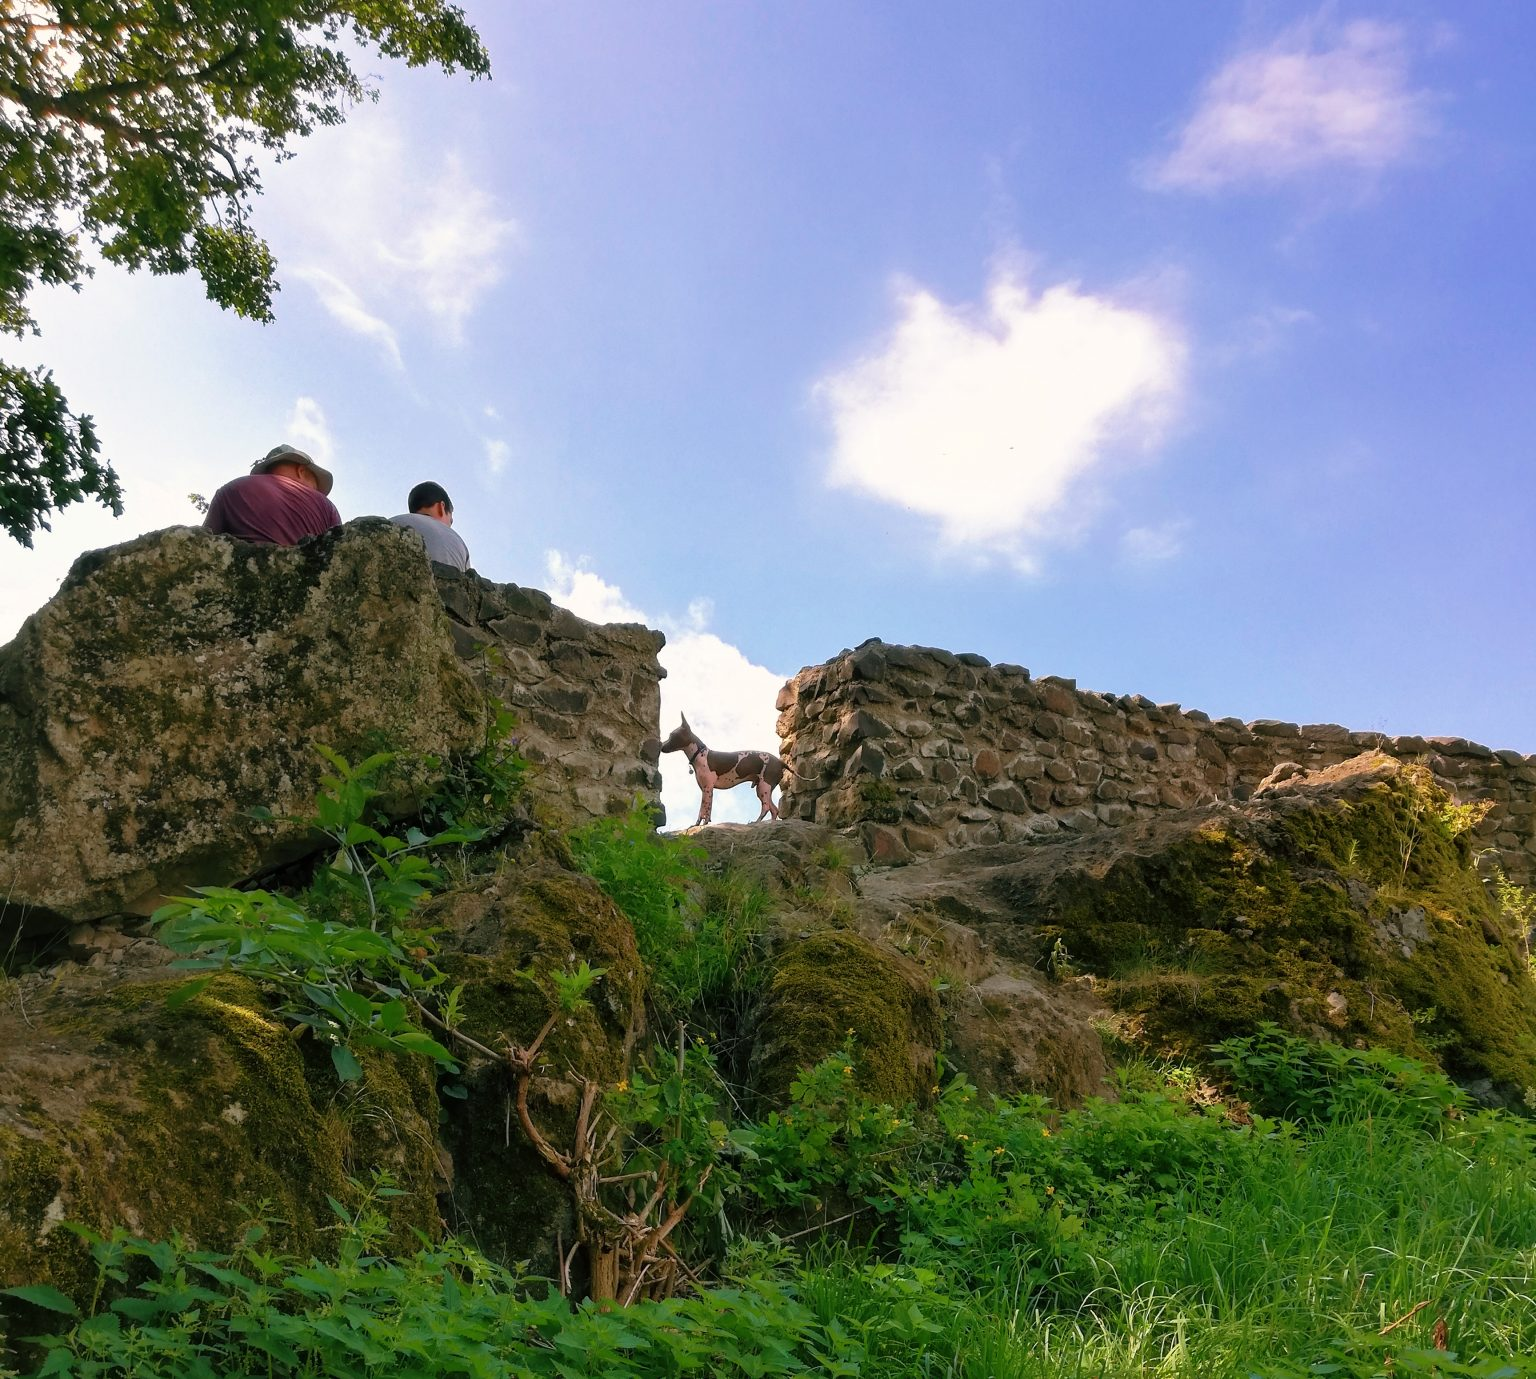 Felmásztunk a zöldellő hegyek között magasodó Drégely várához